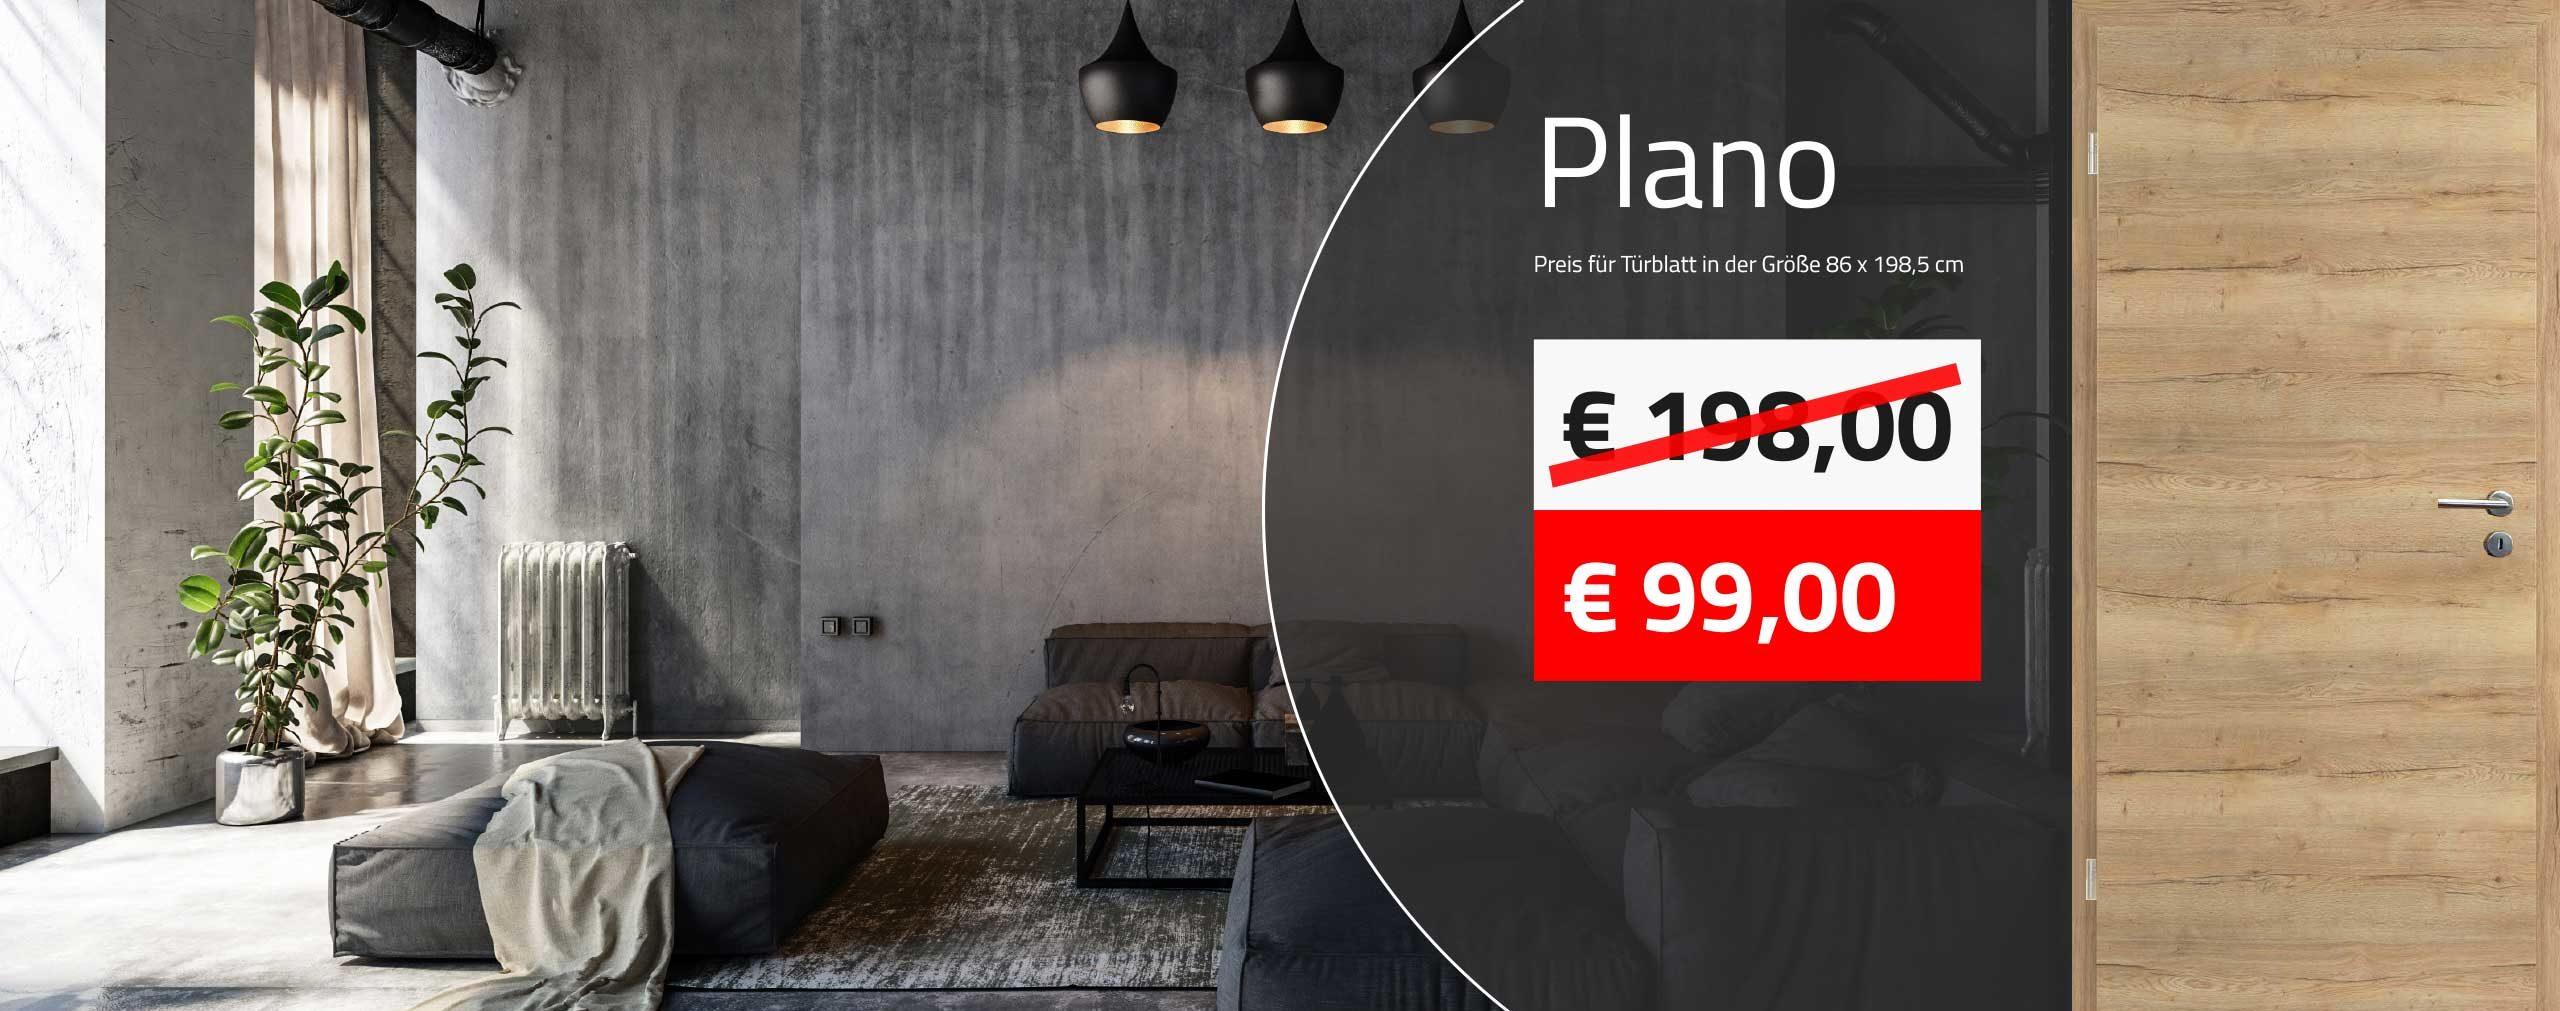 Innentüren kaufen - glatte CPL Zimmertüren ab 99,00 € kaufen